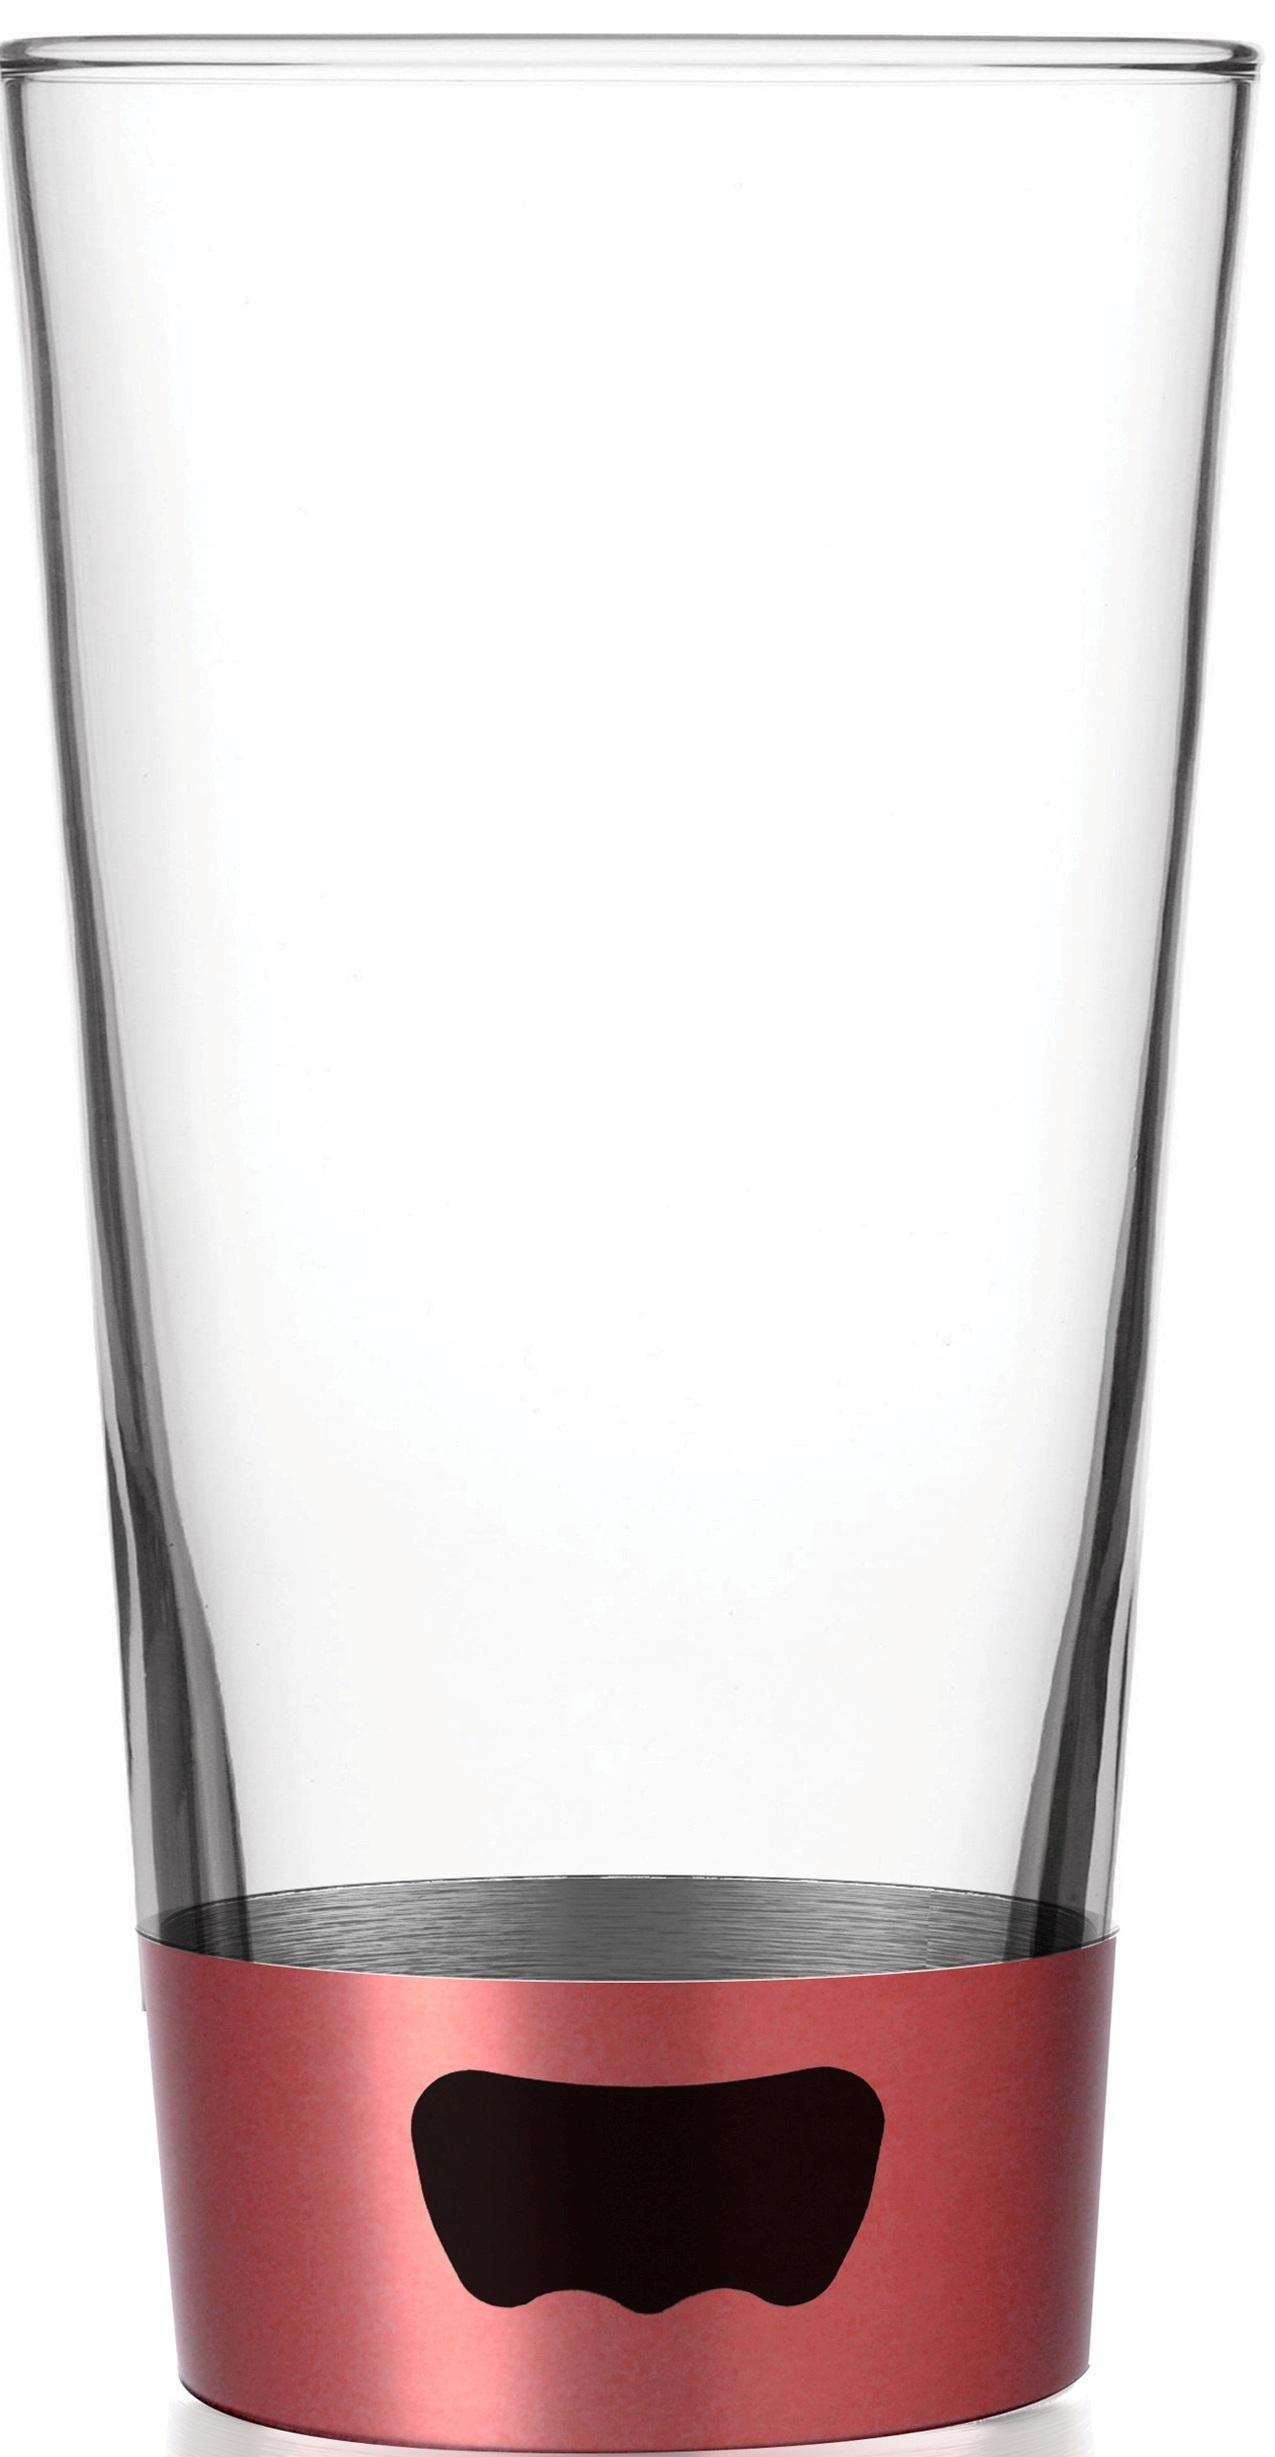 ASOBU Pint Glass Beer Mug with Beer Opener Base, Red 16 oz by AD-N-ART INC